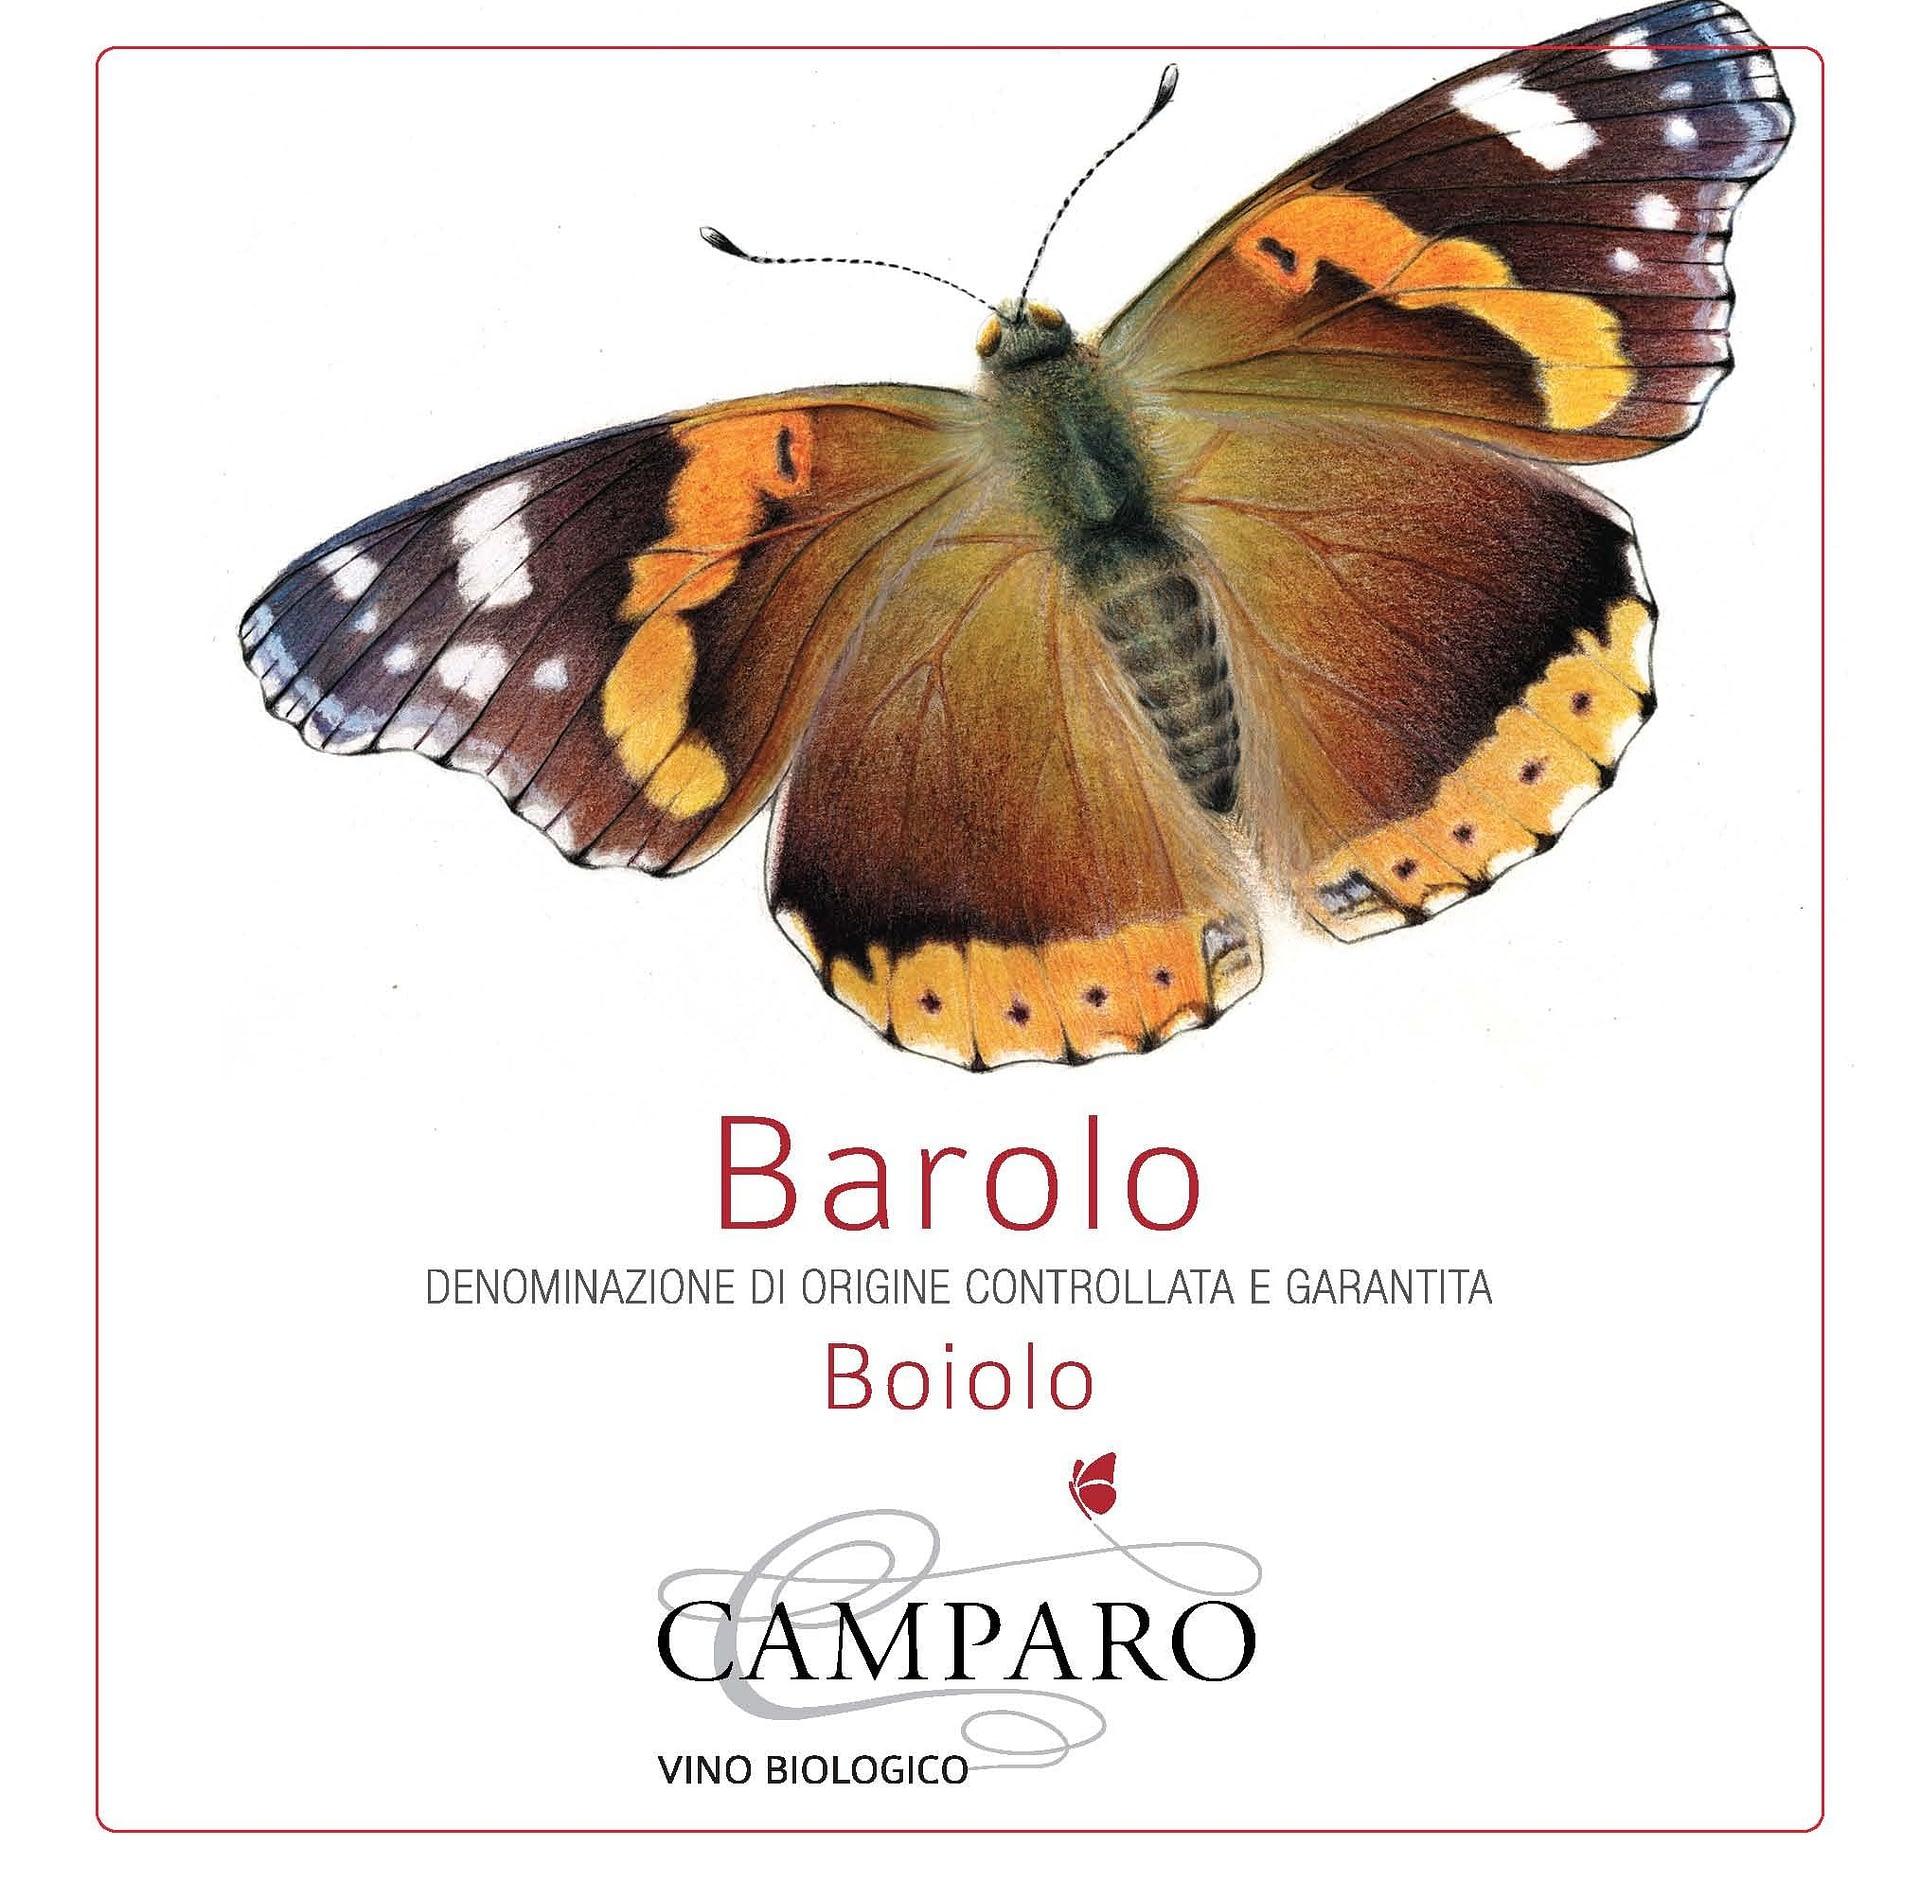 Camparo Barolo Boiolo Organic 2011